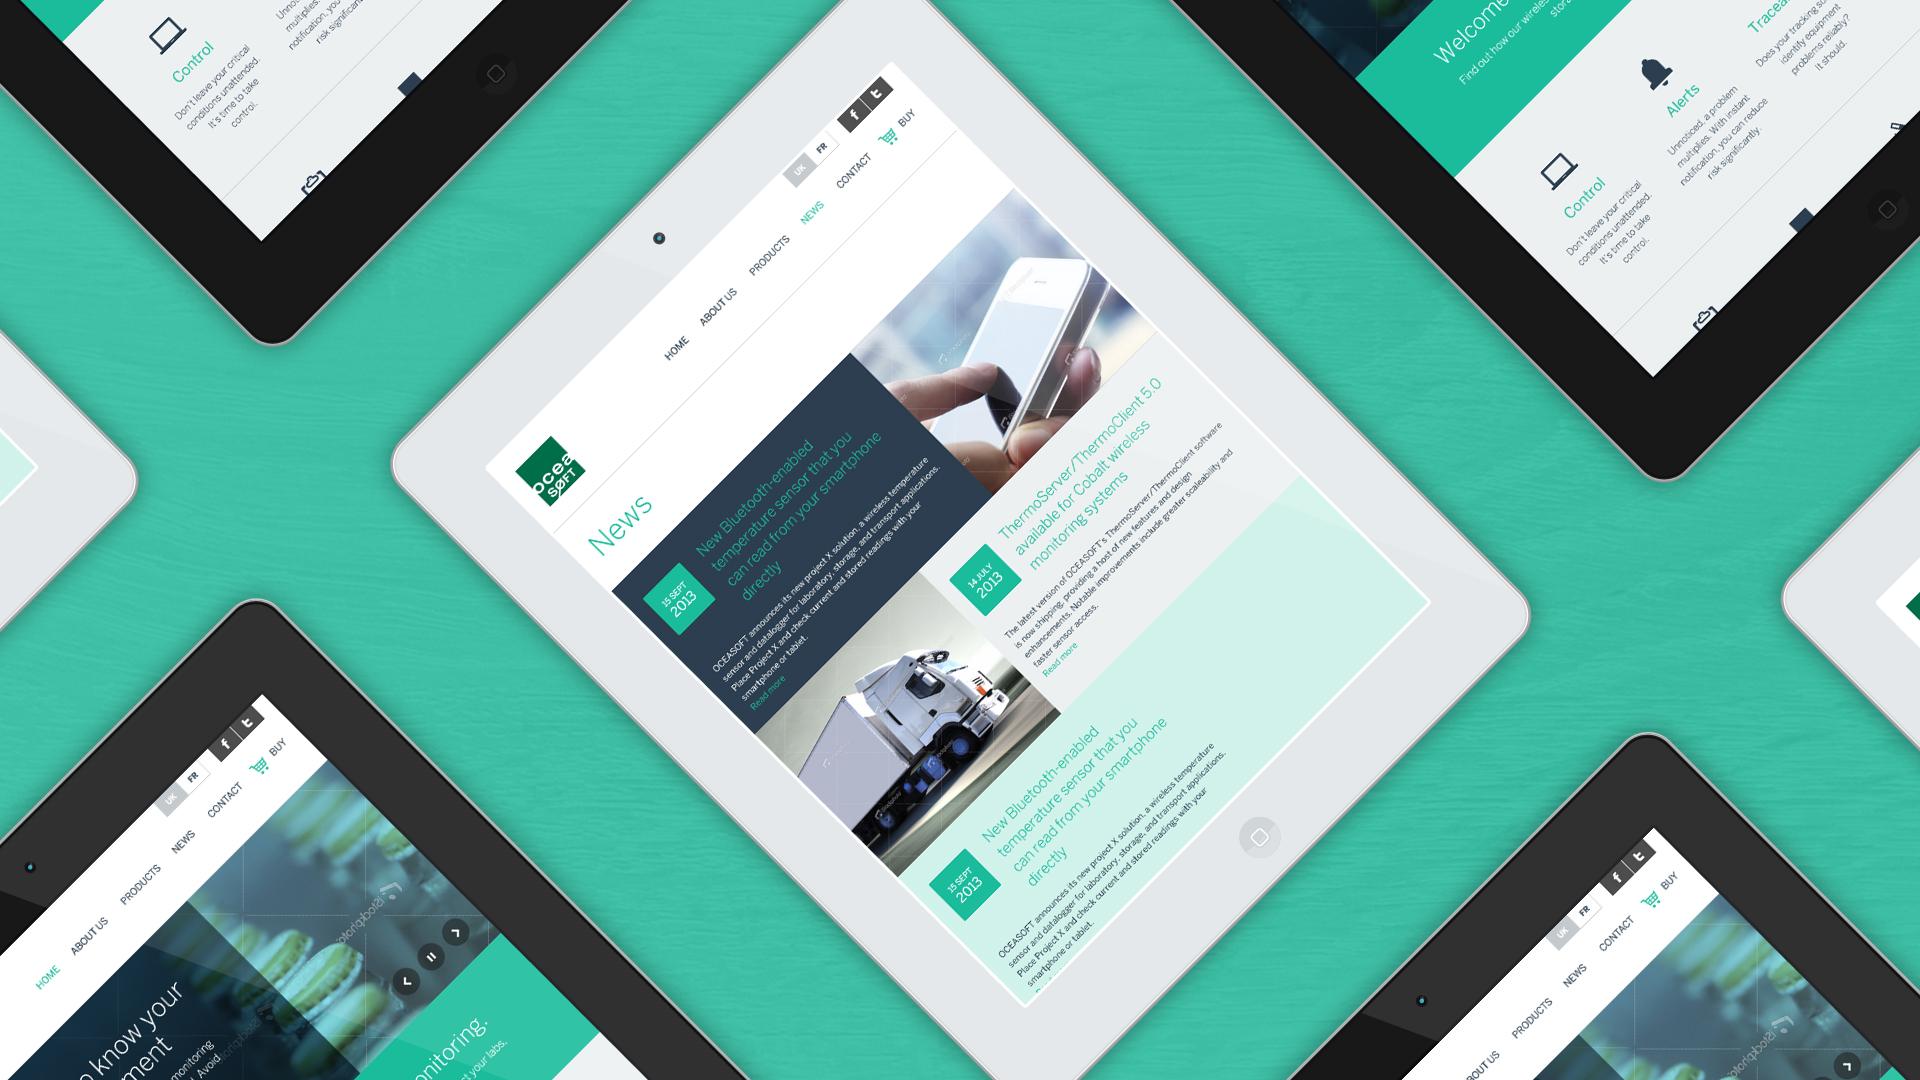 oceasoft-creation-site-mobile-tablette-ordinateur-responsive-design-caconcept-alexis-cretin-graphiste-montpellier